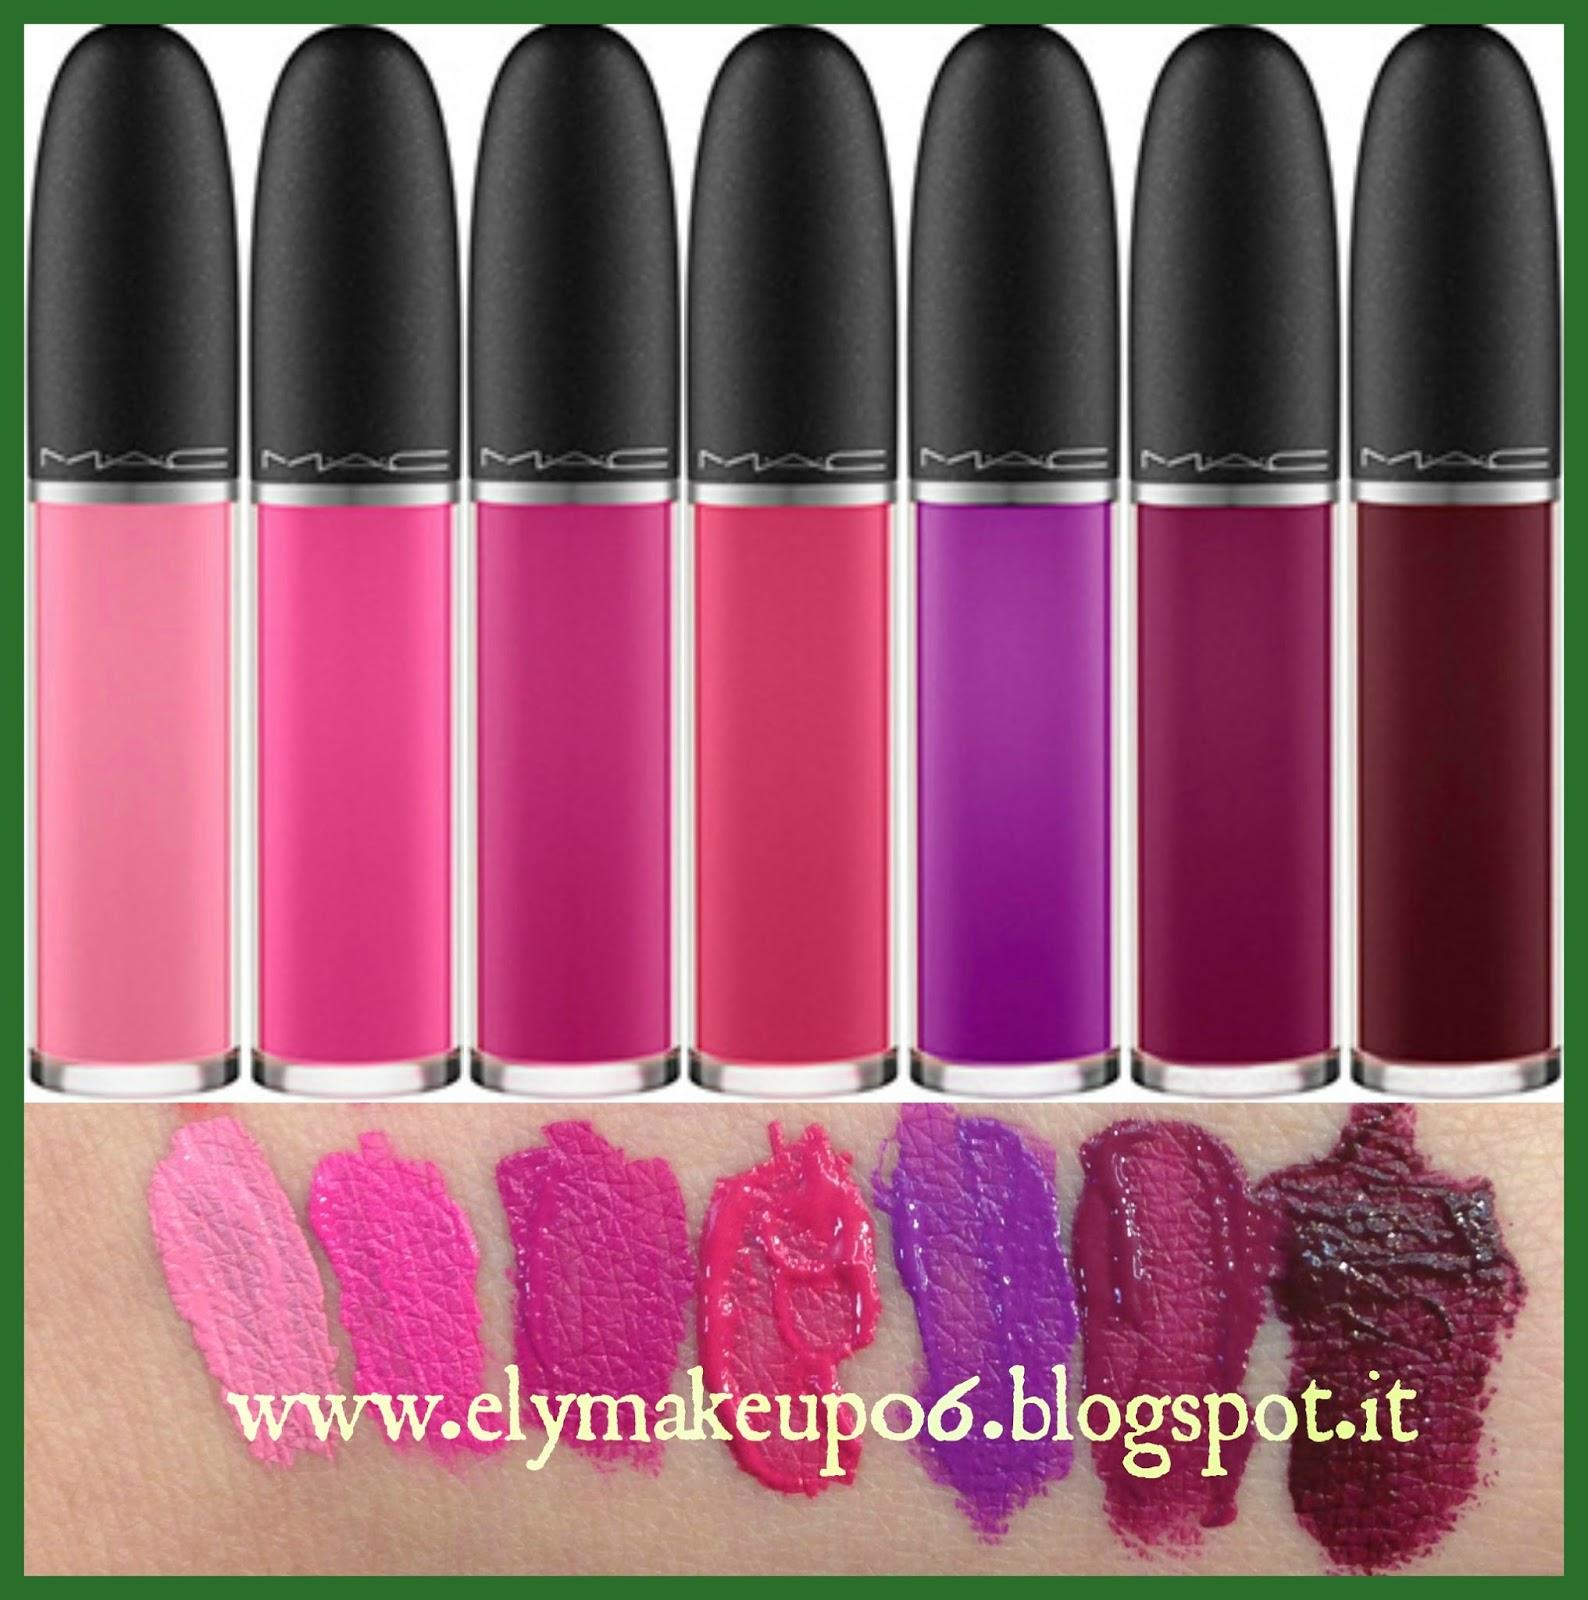 Elymakeup retro matte liquid lipcolour mac review e swatch sulle labbra - Rossetto mac diva ...